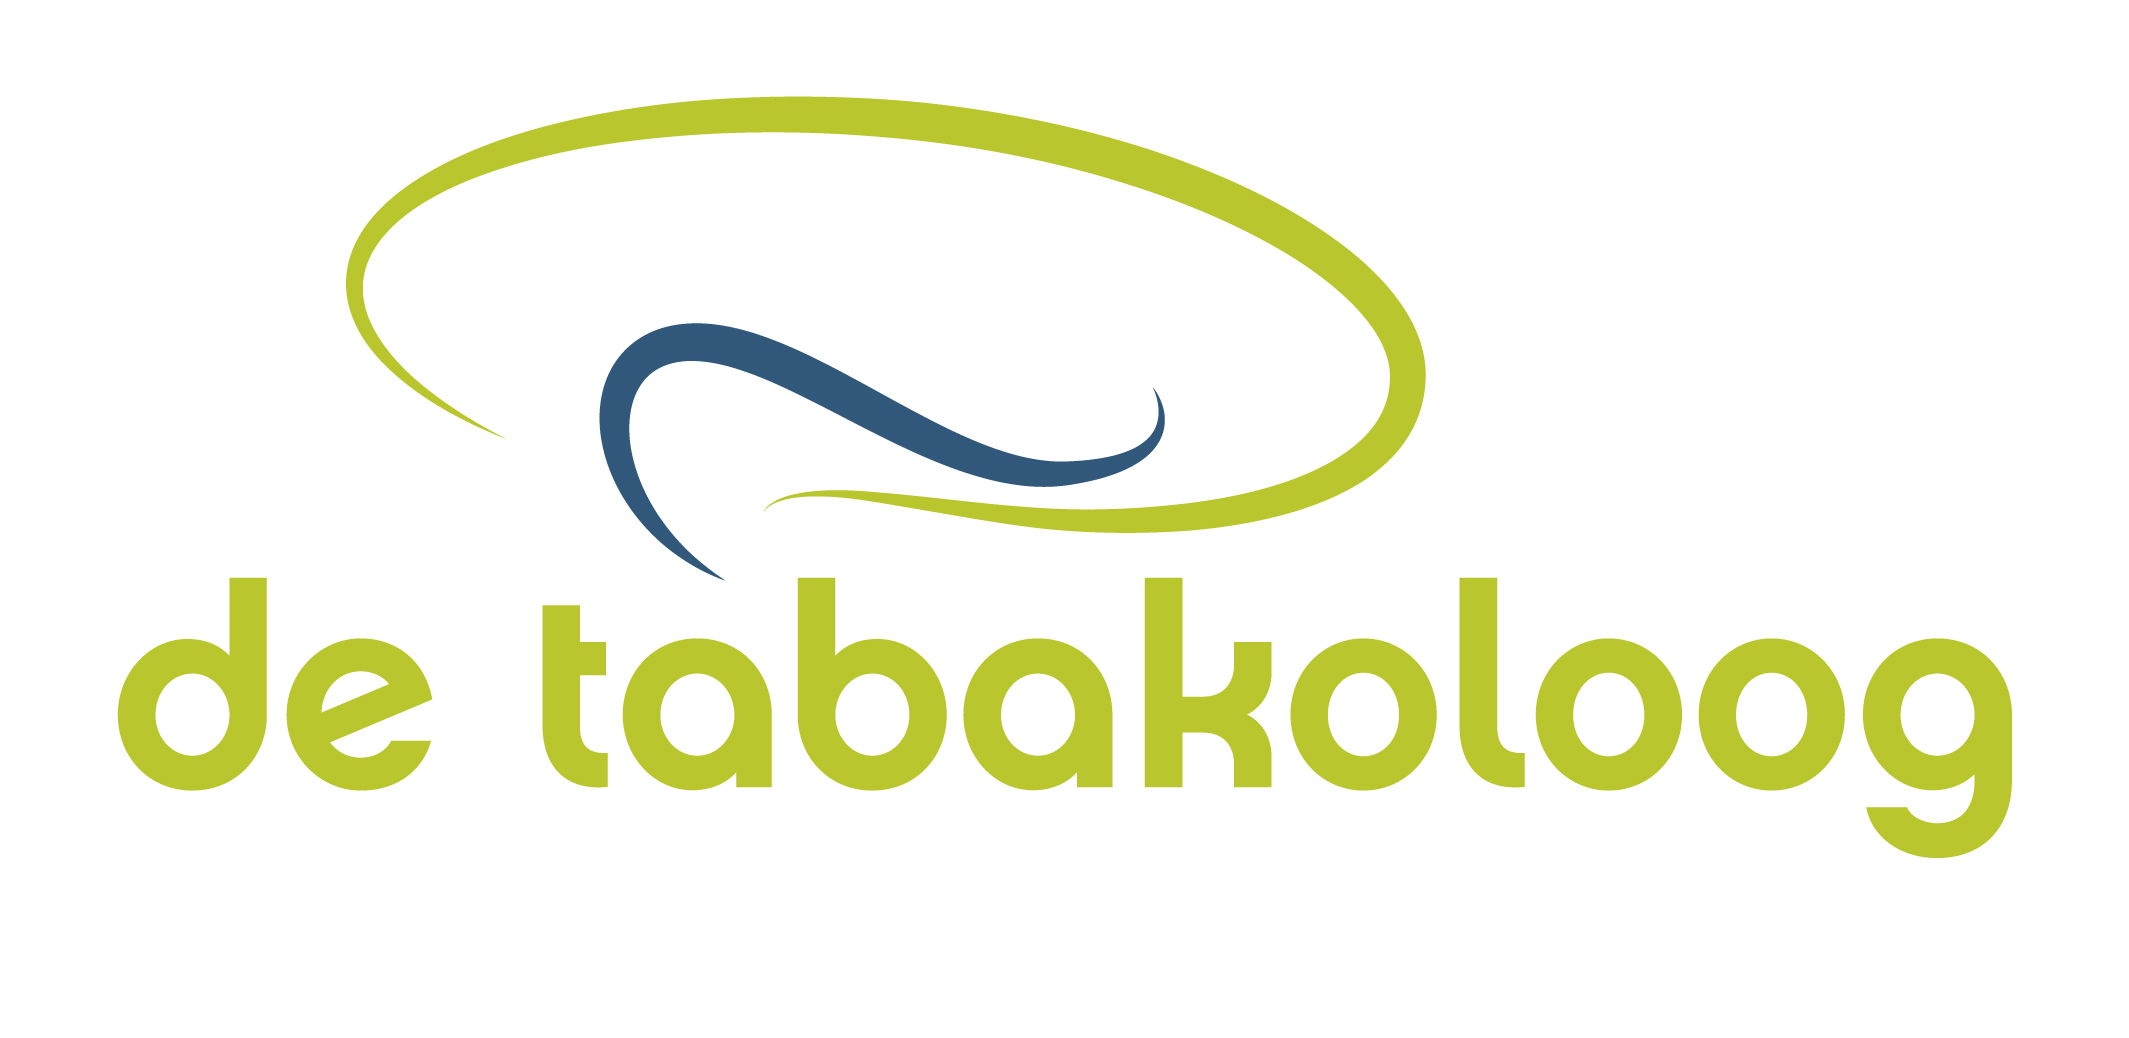 logotabakologenklein.jpg